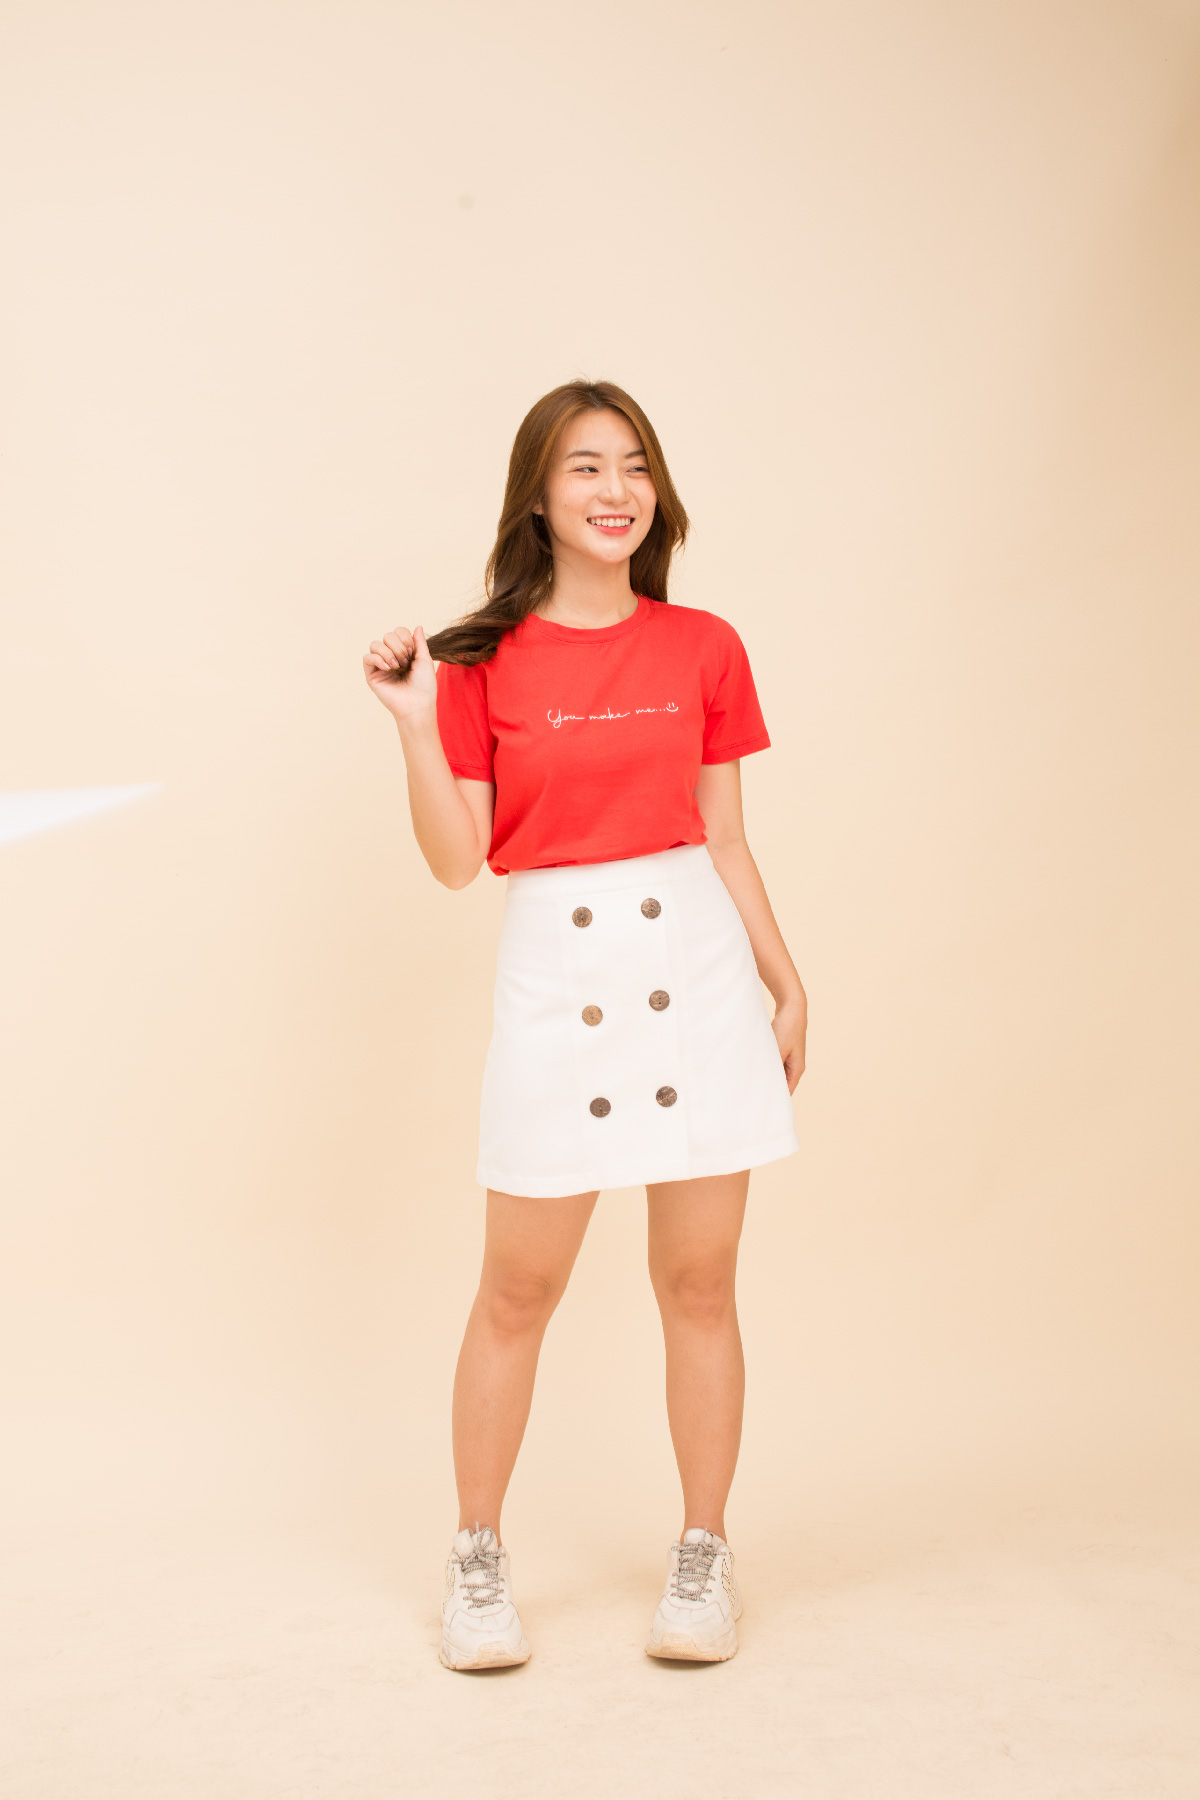 Áo thun đỏ form medium